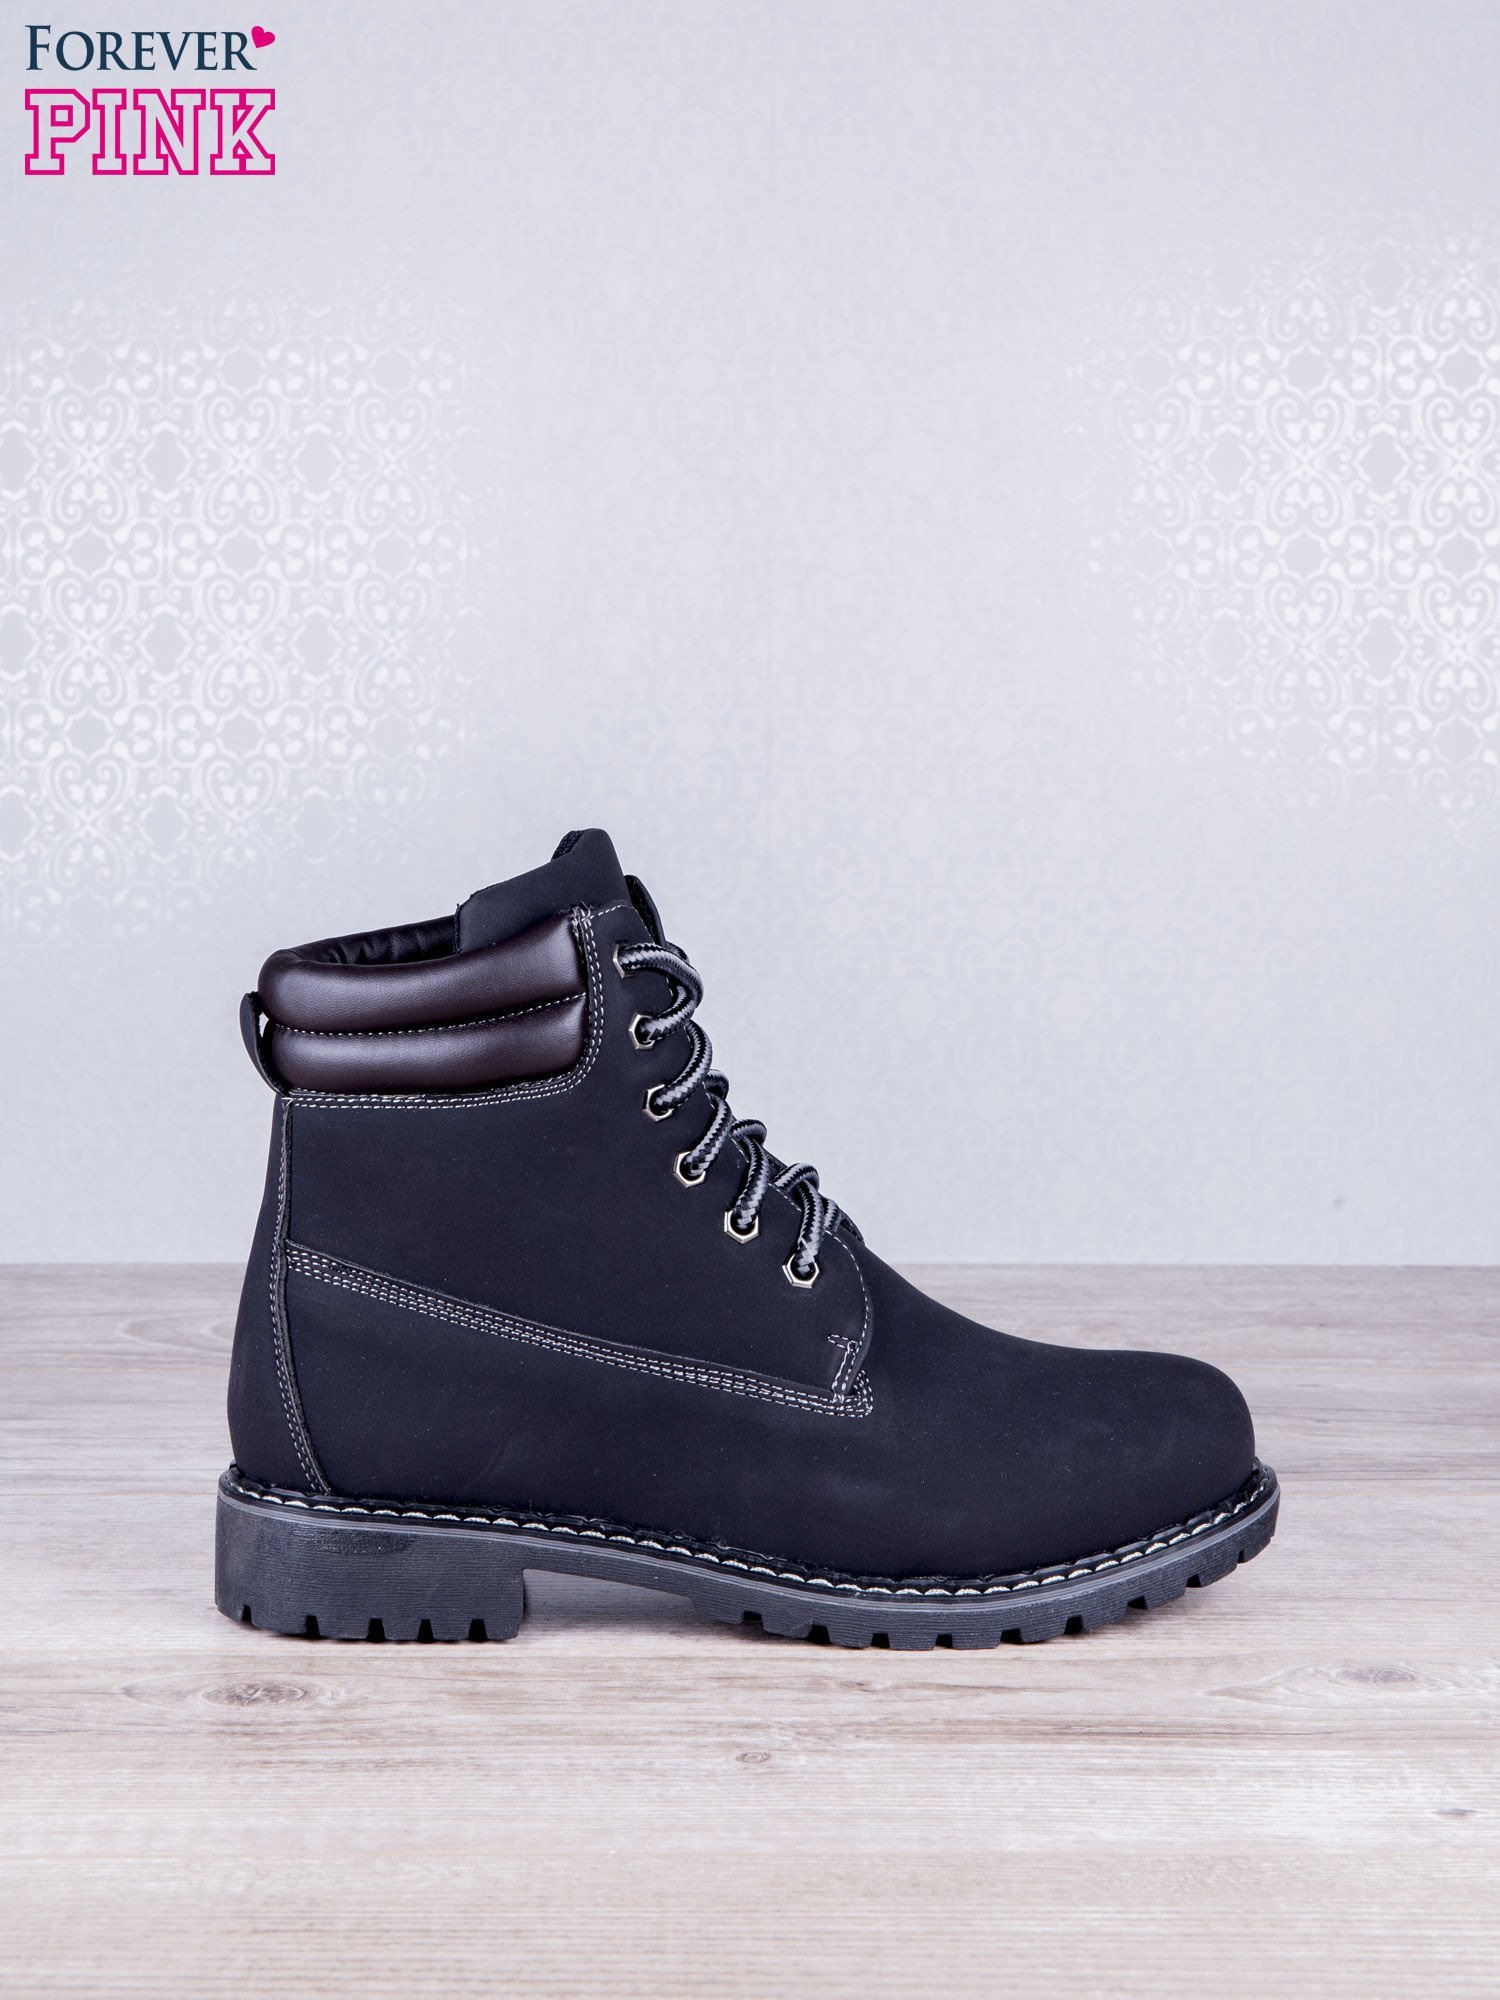 Czarne jednolite buty trekkingowe Toy damskie traperki ocieplane                                  zdj.                                  1